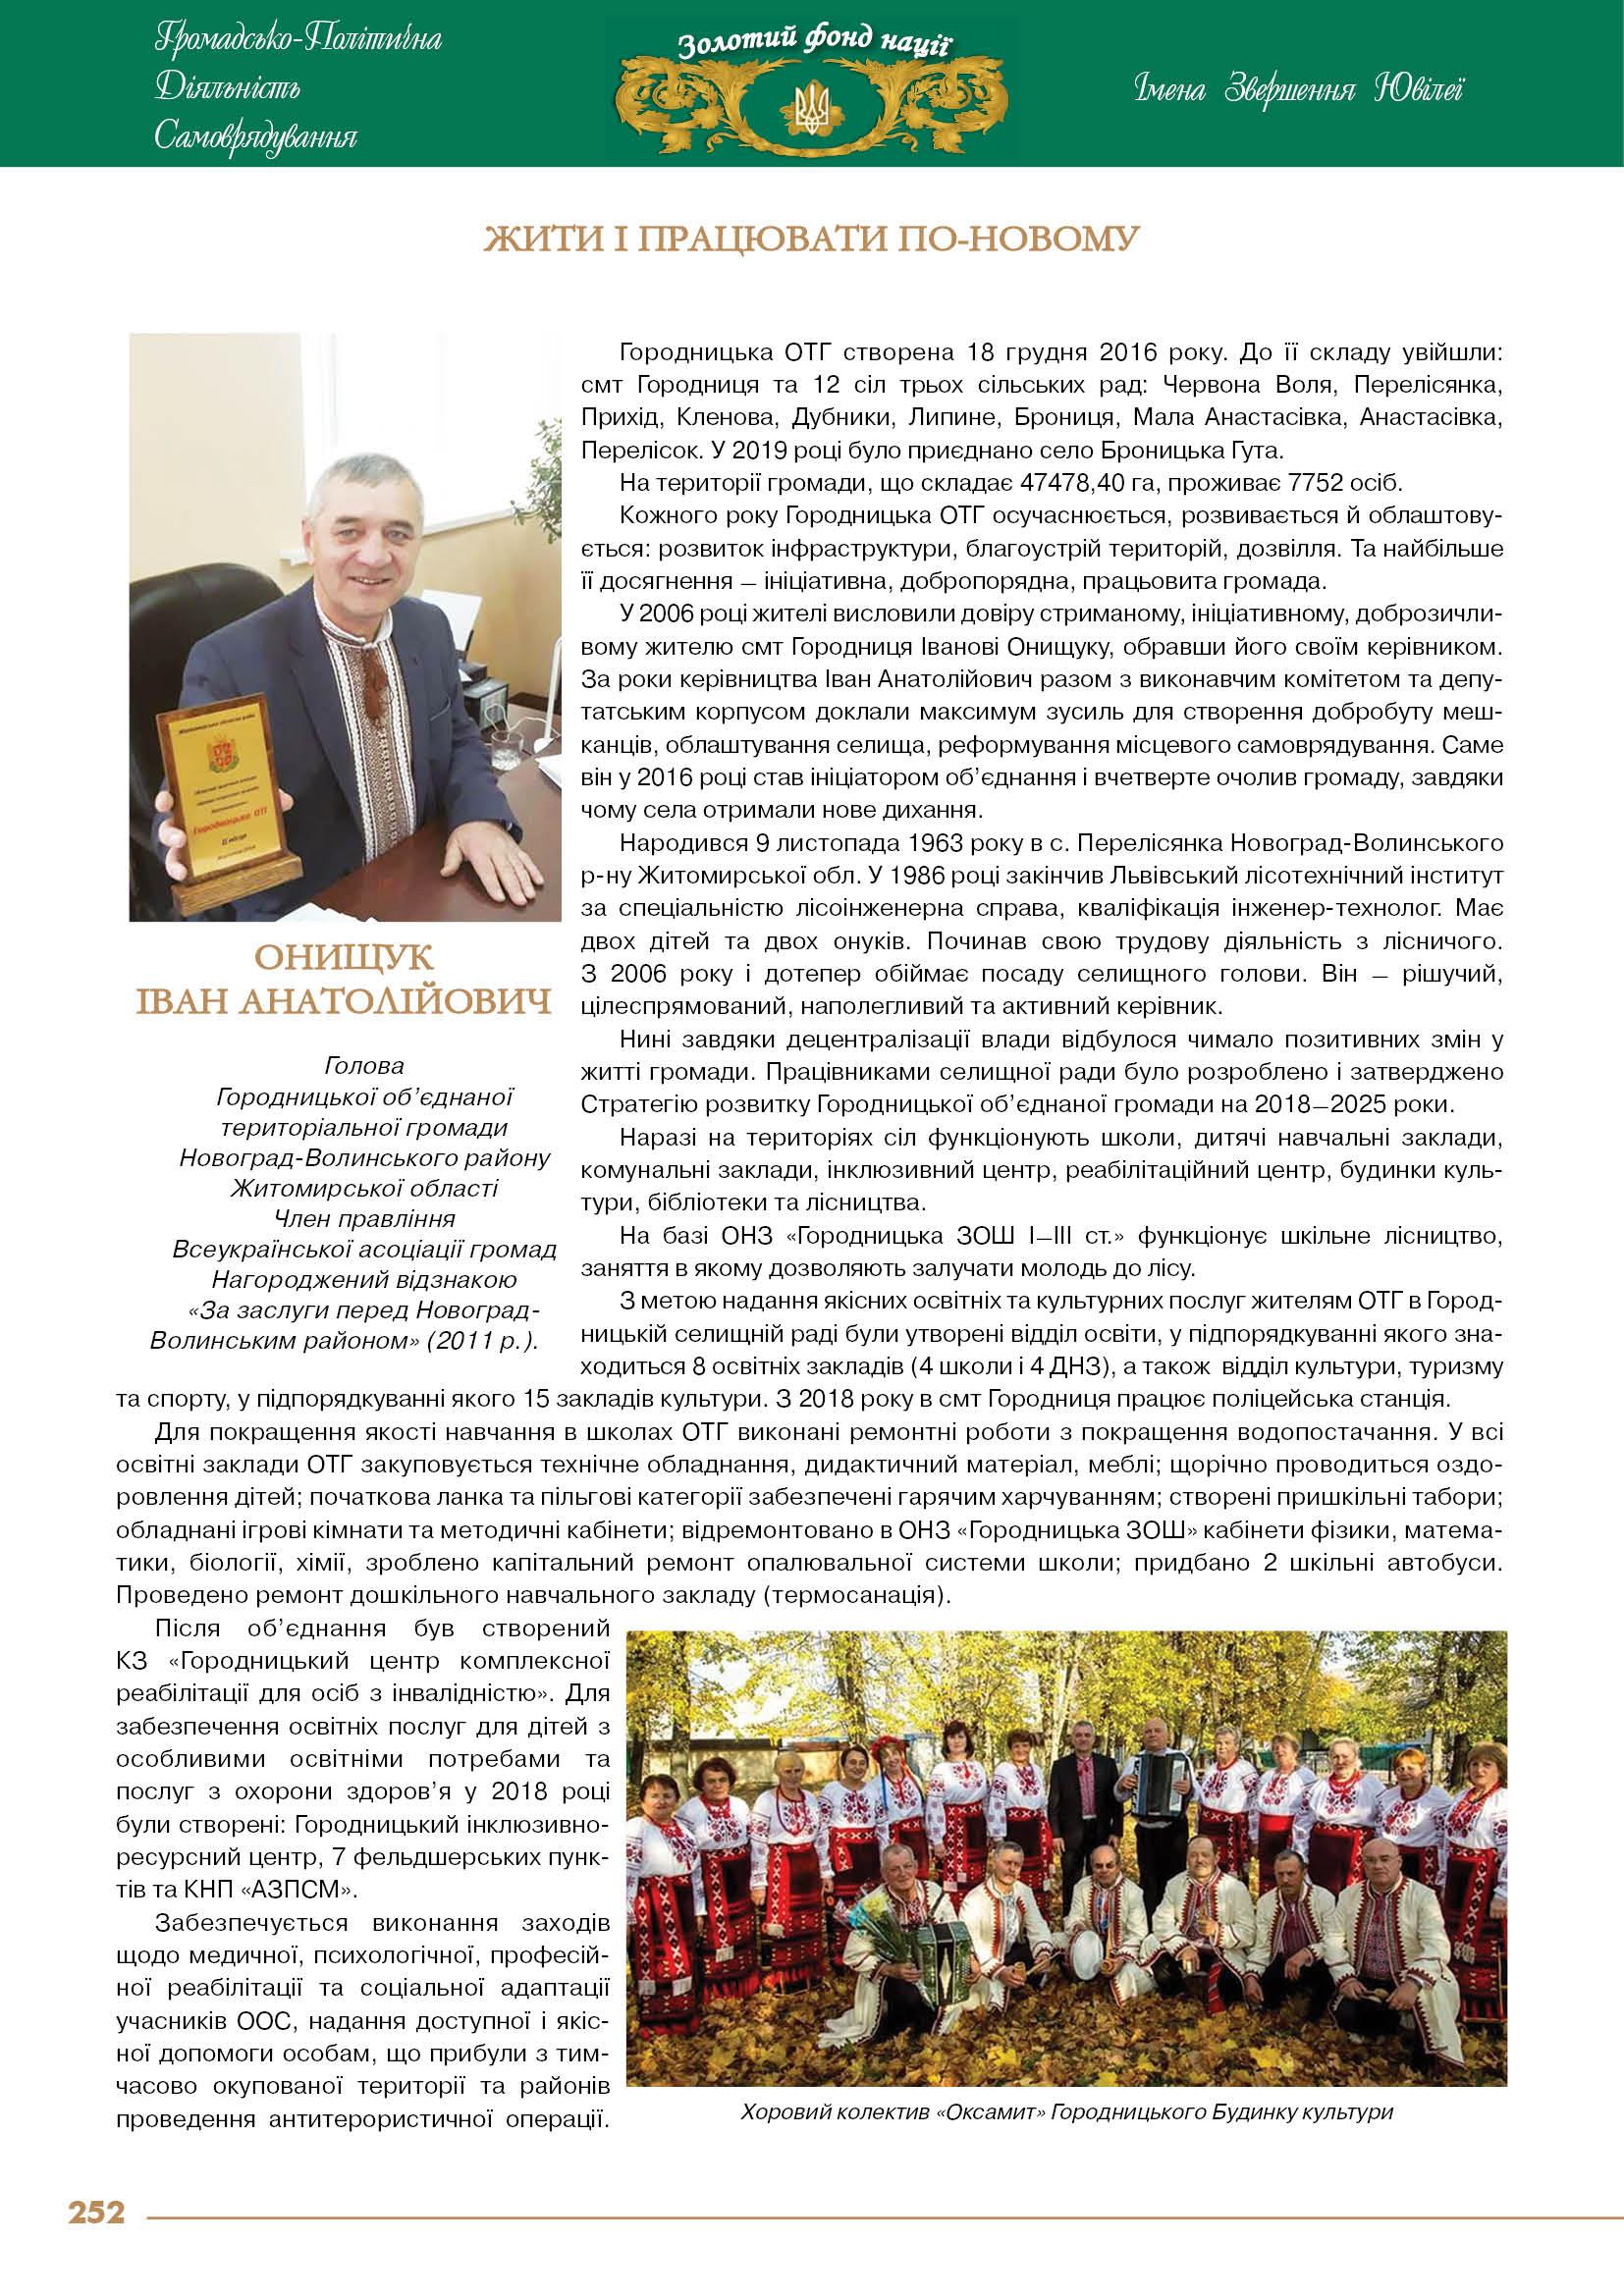 Онищук Іван Анатолійович